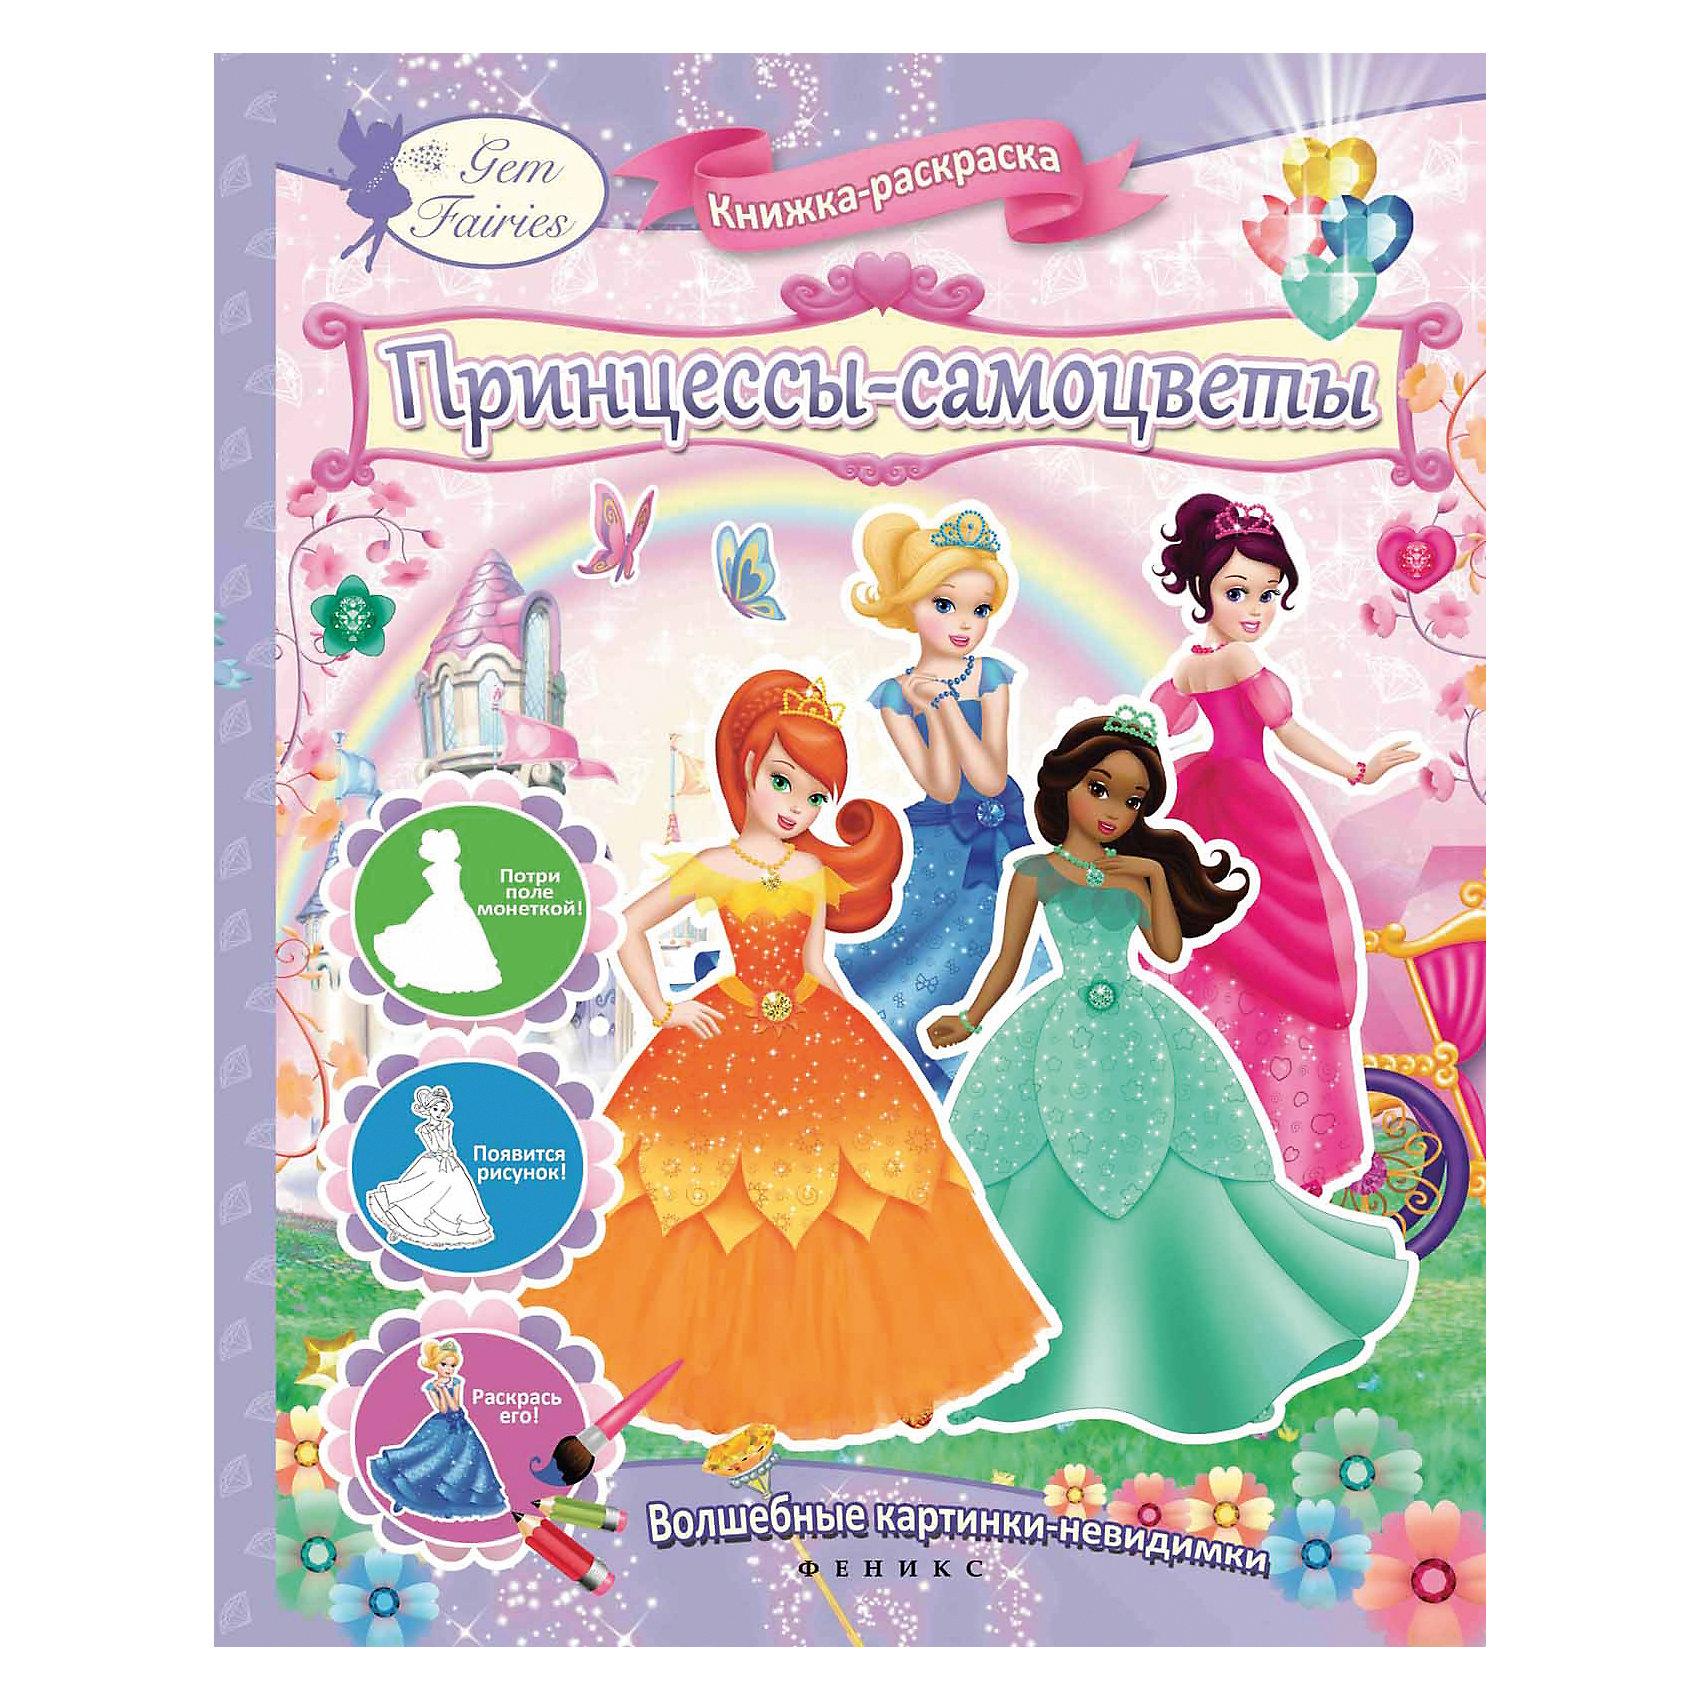 Раскраска Принцессы-самоцветыРисование<br>Книжка-раскраска Принцессы-самоцветы<br><br>Характеристики: <br><br>• Кол-во страниц: 8<br>• ISBN: 9785222248966<br>• Возраст: 0+<br>• Обложка: мягкая<br>• Формат: а4<br><br>Серия этих замечательных раскрасок известна уже во всем мире, а теперь появилась и в России! Волшебство этих раскрасок в том, что изначально это раскраски-невидимки - а для того, чтобы появились иллюстрации, необходимо потереть монеткой белую картинку. Героями иллюстраций являются принцессы Рубин, Янтарь, Изумруд и Сапфир. Работая с этой раскраской, ребенок развивает мелкую моторику и учится использовать цвета.<br><br>Книжка-раскраска Принцессы-самоцветы можно купить в нашем интернет-магазине.<br><br>Ширина мм: 260<br>Глубина мм: 199<br>Высота мм: 10<br>Вес г: 49<br>Возраст от месяцев: -2147483648<br>Возраст до месяцев: 2147483647<br>Пол: Женский<br>Возраст: Детский<br>SKU: 5464534